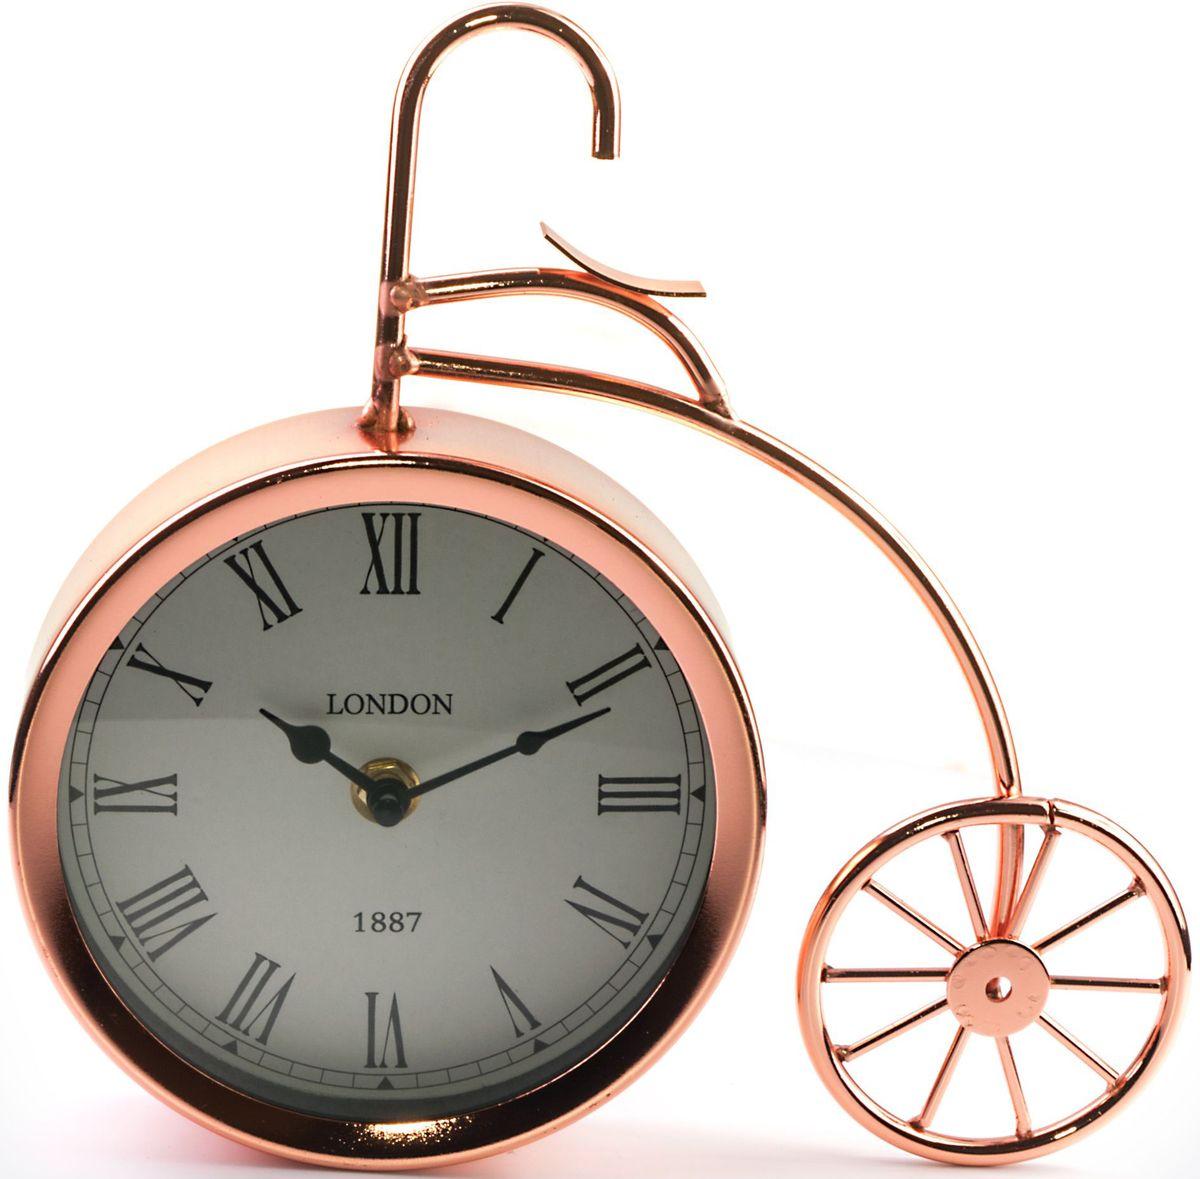 Часы настольные Miralight Велосипед, цвет: медный54 009312Настольные часы Miralight Велосипед, изготовленные из металла, прекрасно украсят интерьер вашего помещения. Часы выполнены в виде старинного двухколесного велосипеда. Циферблат круглой формы имеет две стилизованные фигурные стрелки: часовую и минутную и элегантные римские цифры.Питание осуществляется от одной батарейки типа АА (не входит в комплект). Оформите свой дом таким интерьерным аксессуаром или преподнесите его в качестве презента друзьям, и они оценят ваш оригинальный вкус и неординарность подарка.